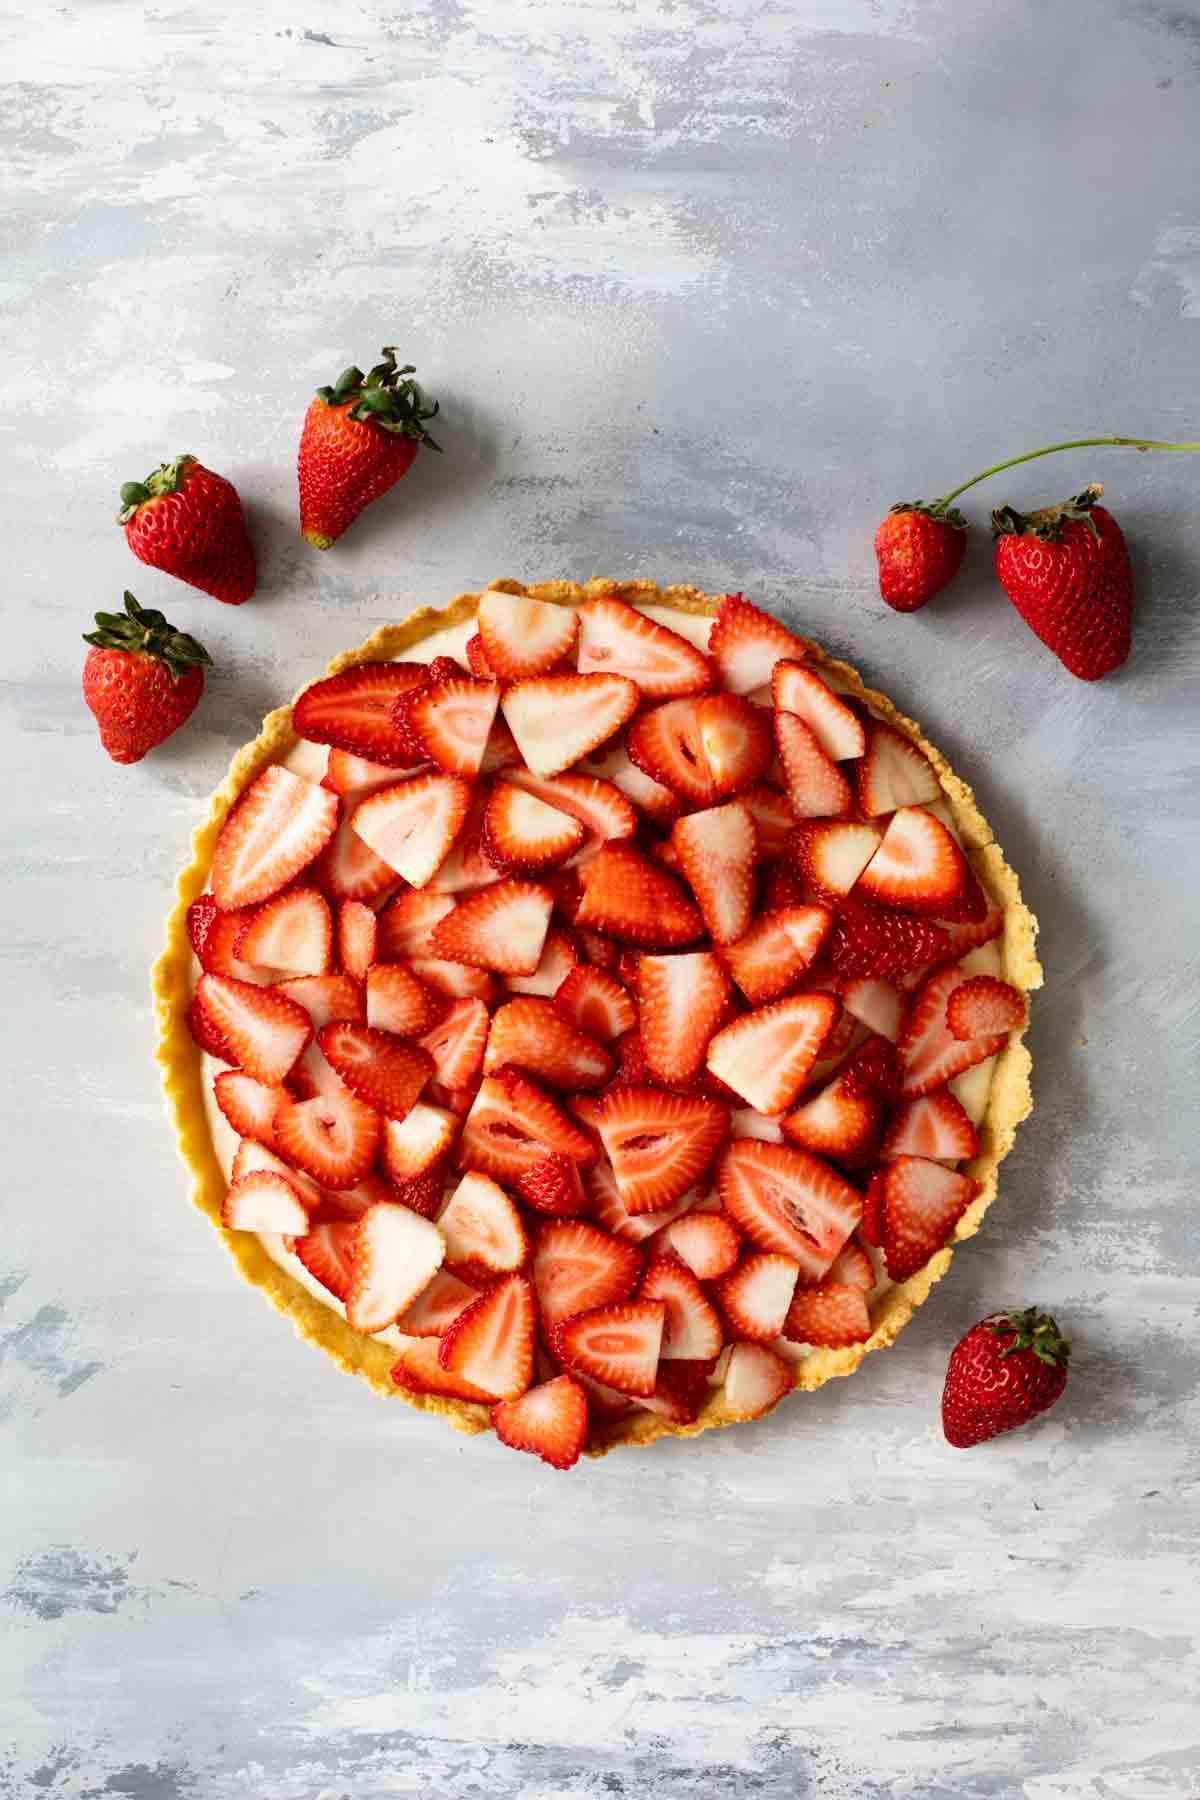 Creamy Strawberry Tart Recipe With Fresh Strawberries